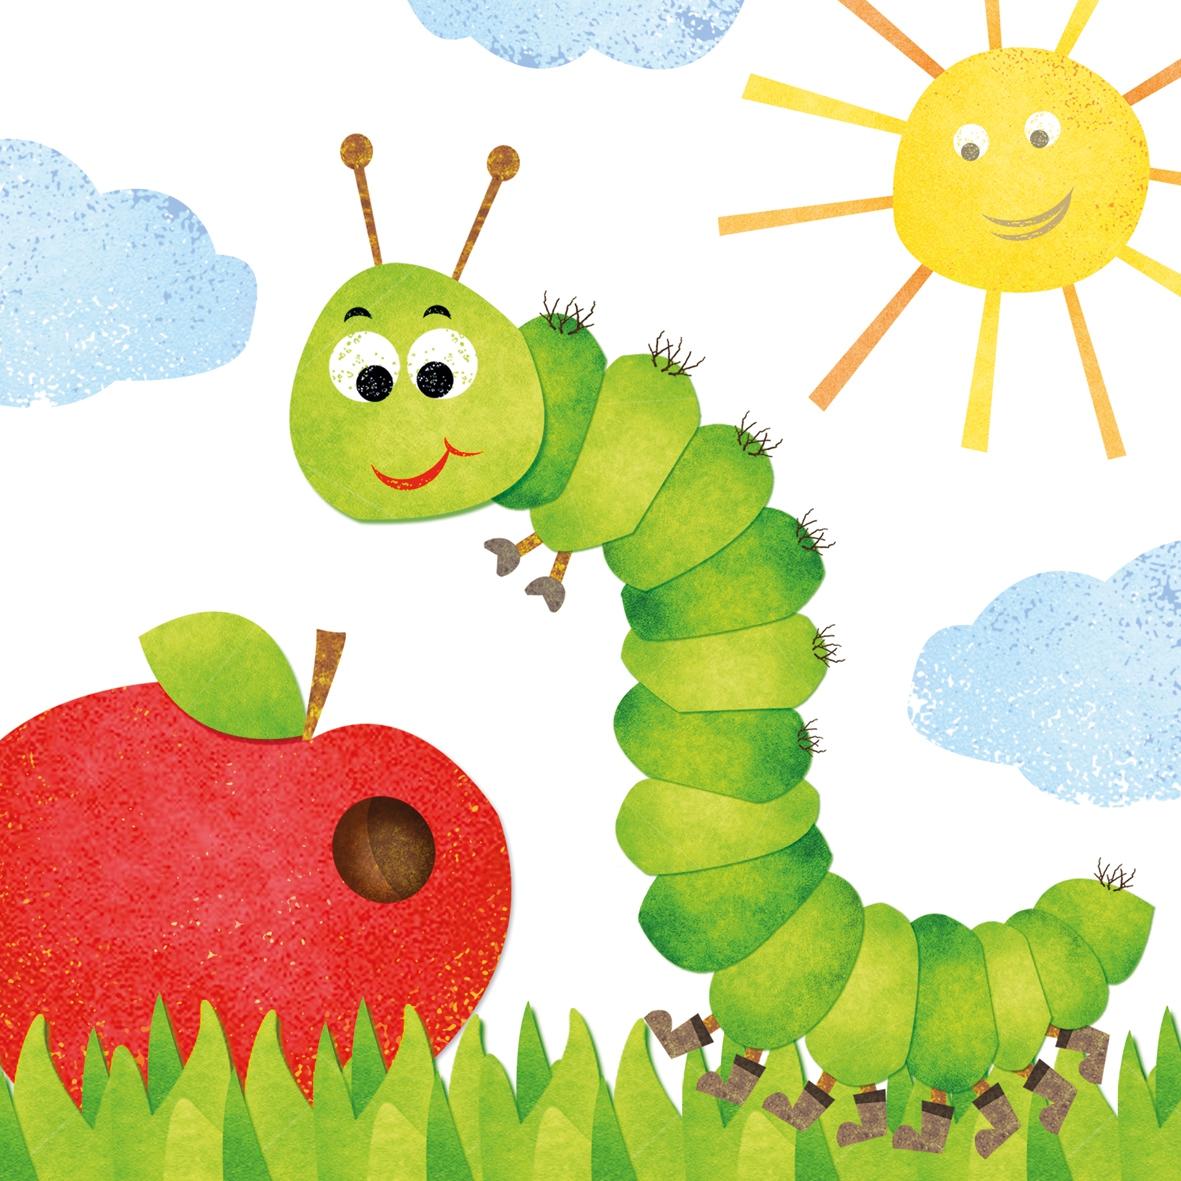 Servietten / Äpfel,  Tiere -  Sonstige,  Früchte - Äpfel,  Everyday,  lunchservietten,  Raupe,  Äpfel